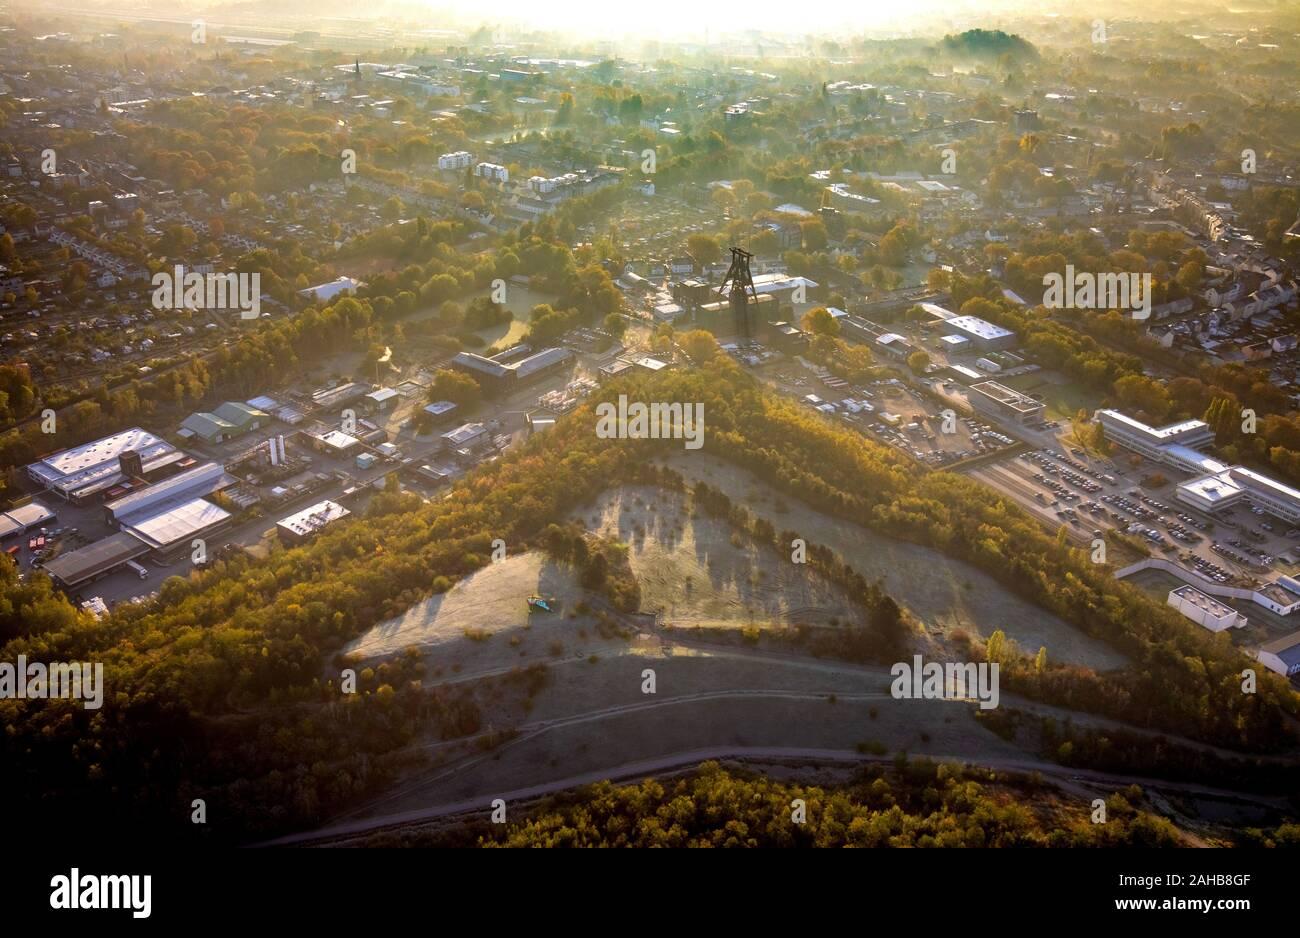 Luftbild, Herbst Foto von Pluto Colliery, Förderturm, Industriegebiet, ehemaliger hard Coal Mine in Herne im Bezirk Wanne-Eickel, Herne, Ruhrgebiet Stockfoto